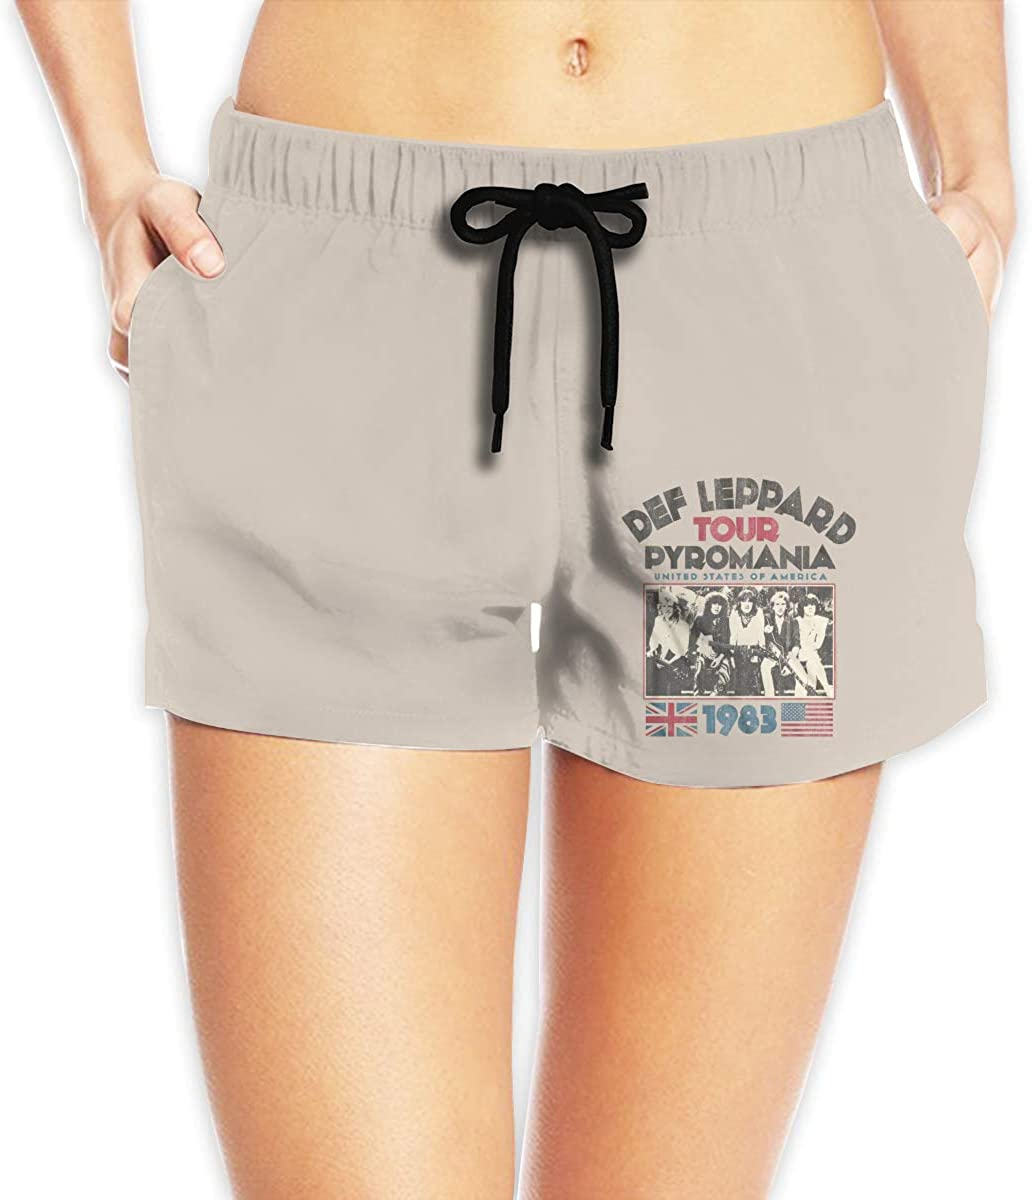 Hangquq Ladiesdef Leppard Printed Bouquet with Waist Beach Shorts.